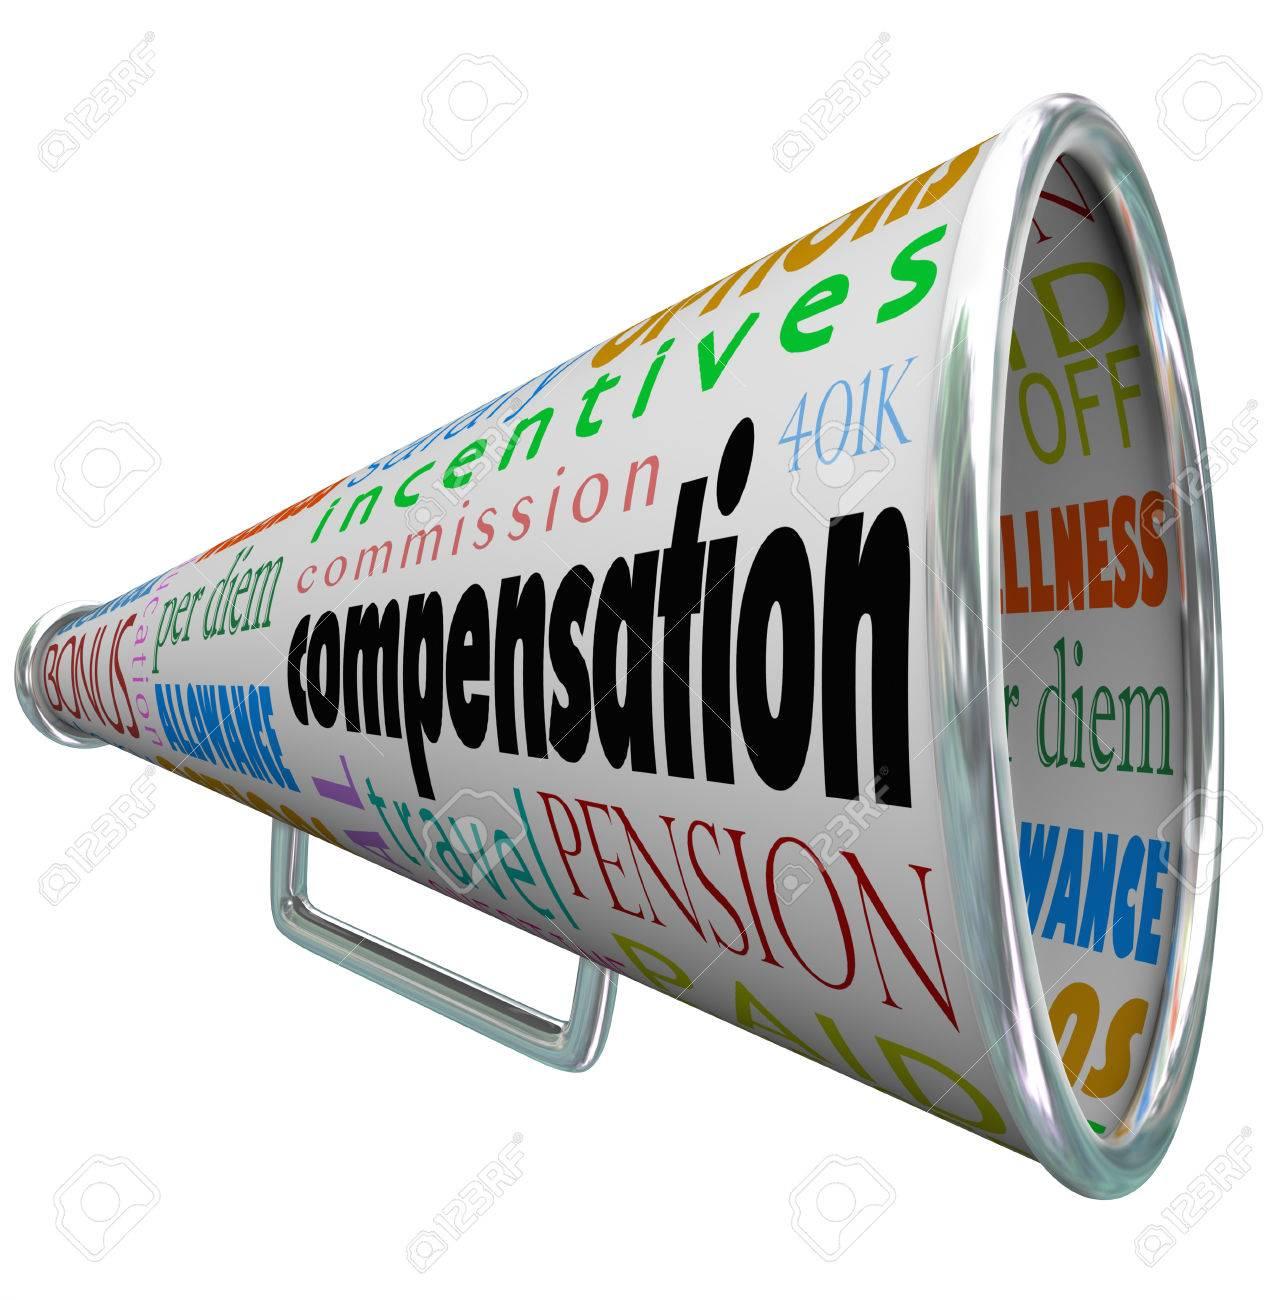 Compensación Y Palabras Relacionadas En Un Megáfono O Megáfono, Como ...